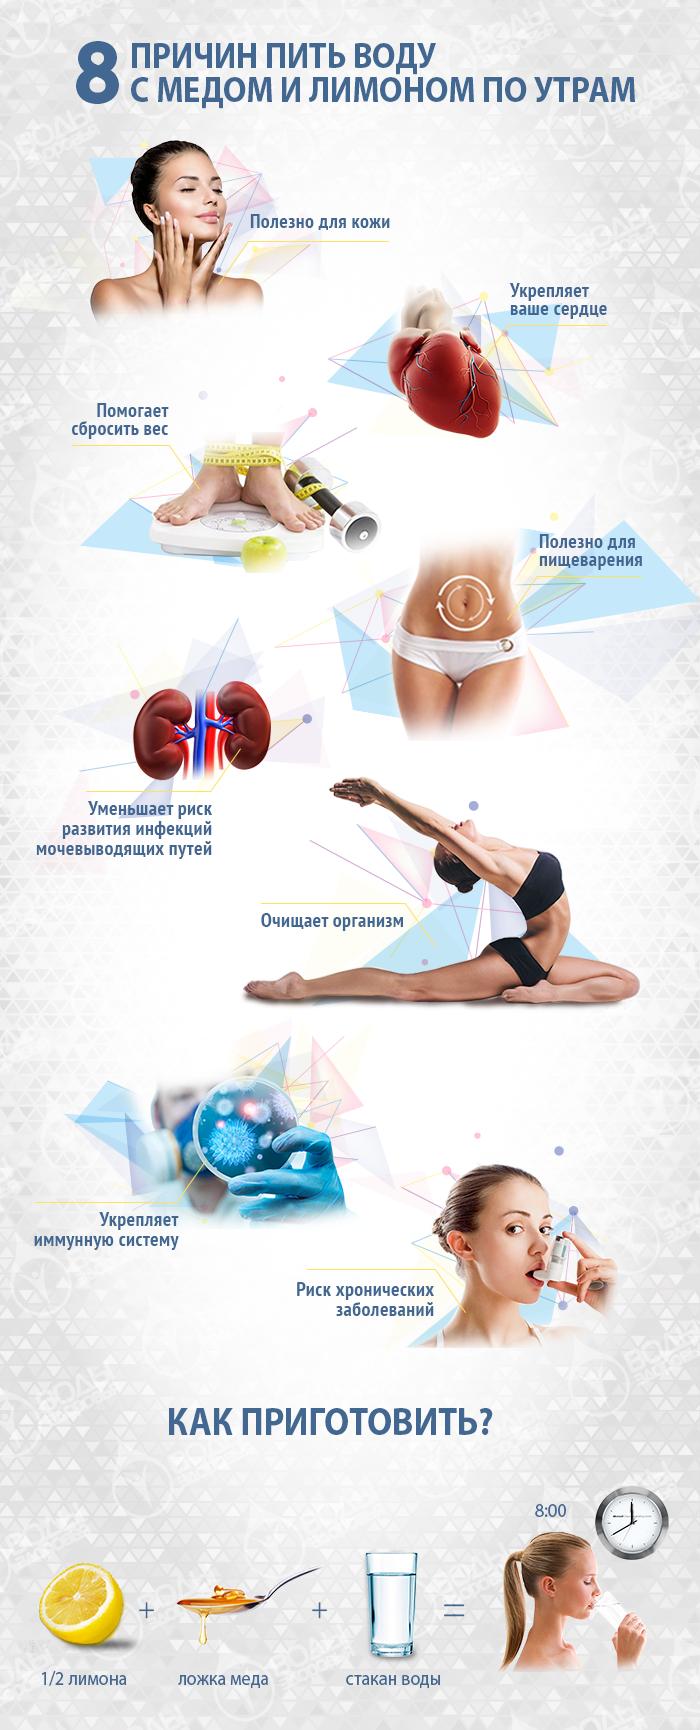 http://www.healthwaters.ru/upload/iblock/581/58155d1db060df0271829c485178b929.png